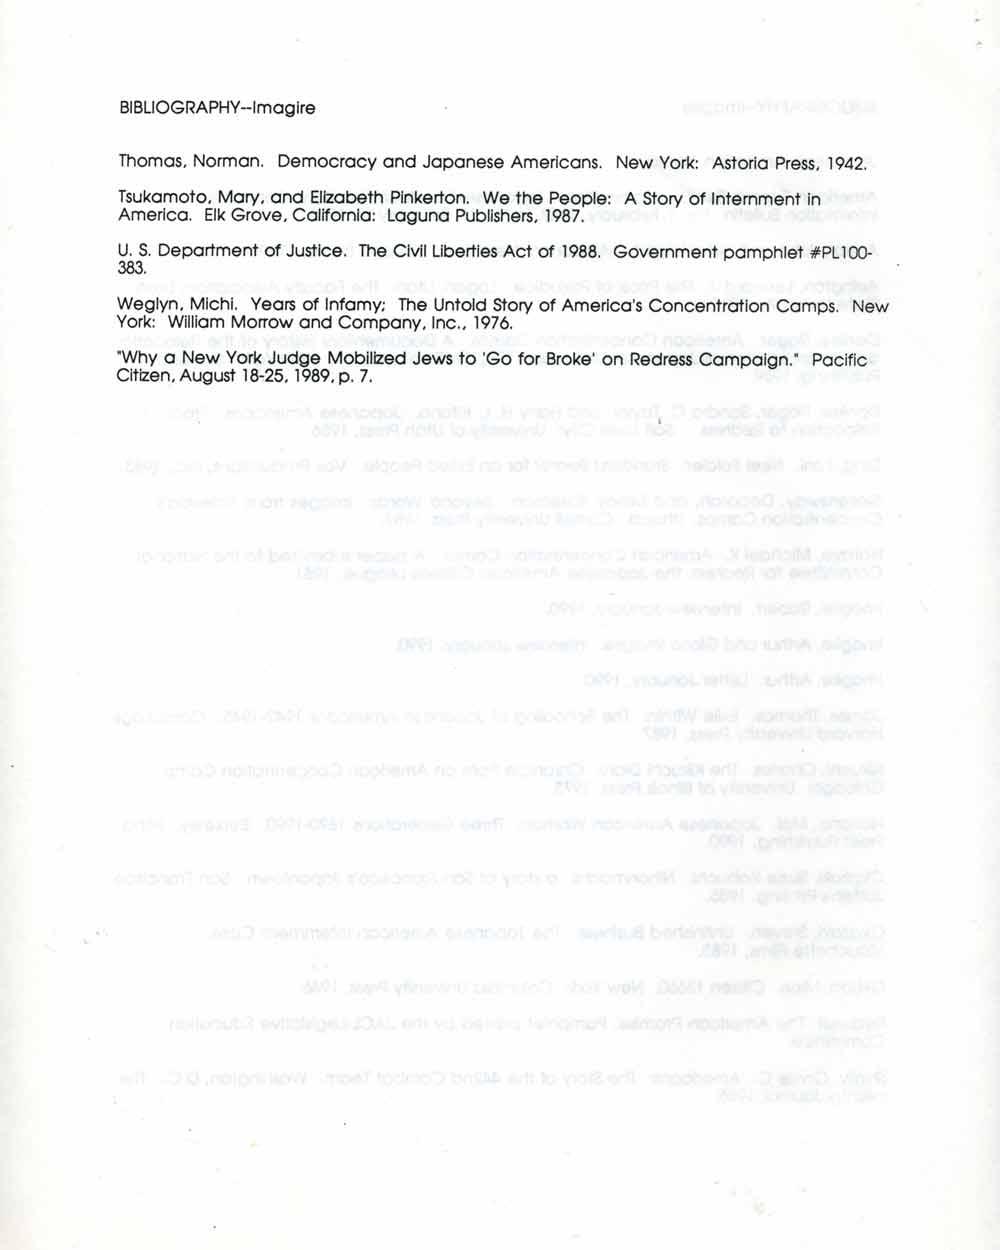 Family Timeline, pg 20